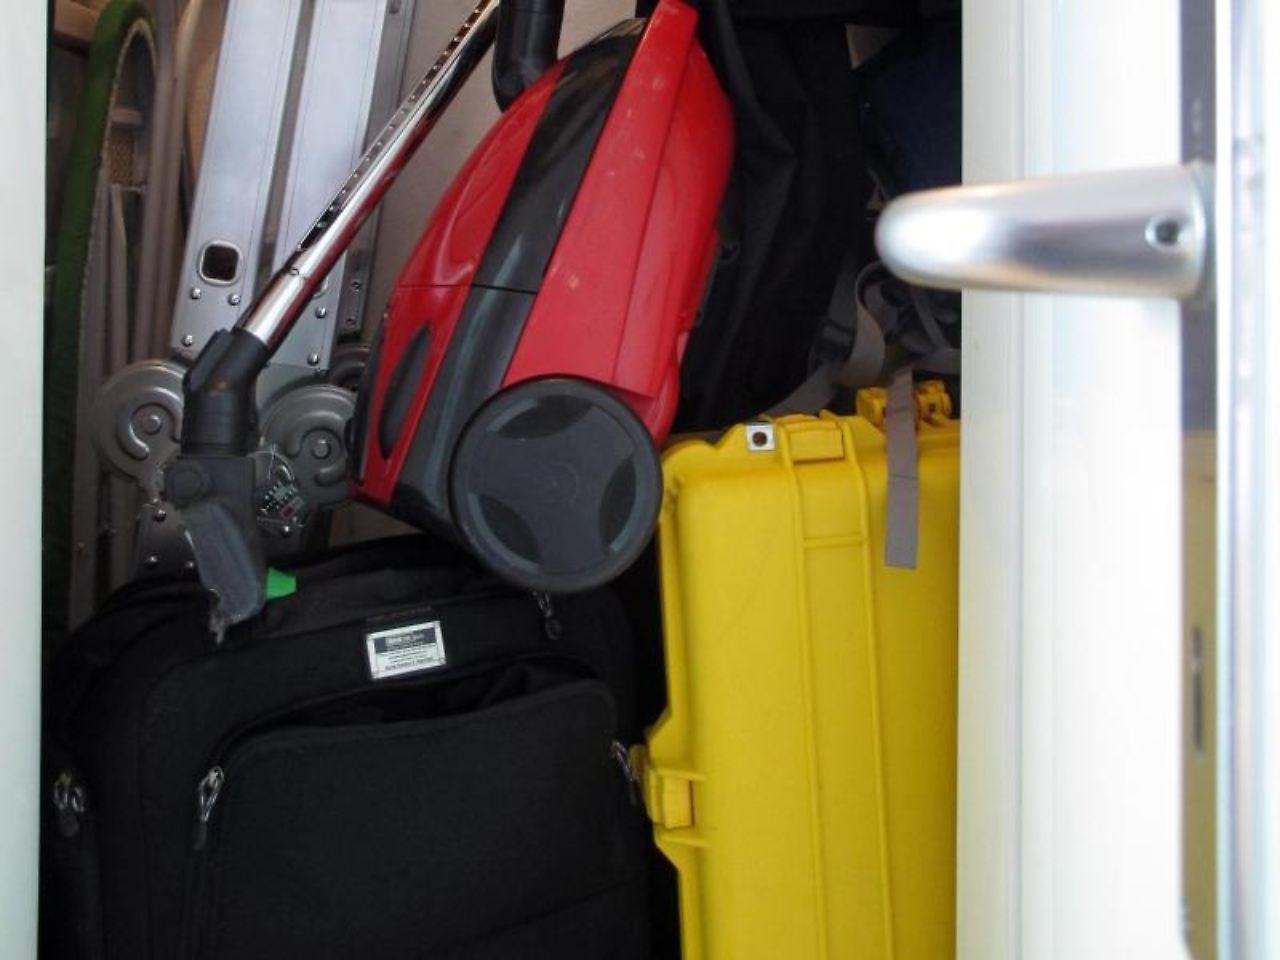 Ausziehen oder umbauen: Stauraum schaffen in kleinen Wohnungen - n-tv.de